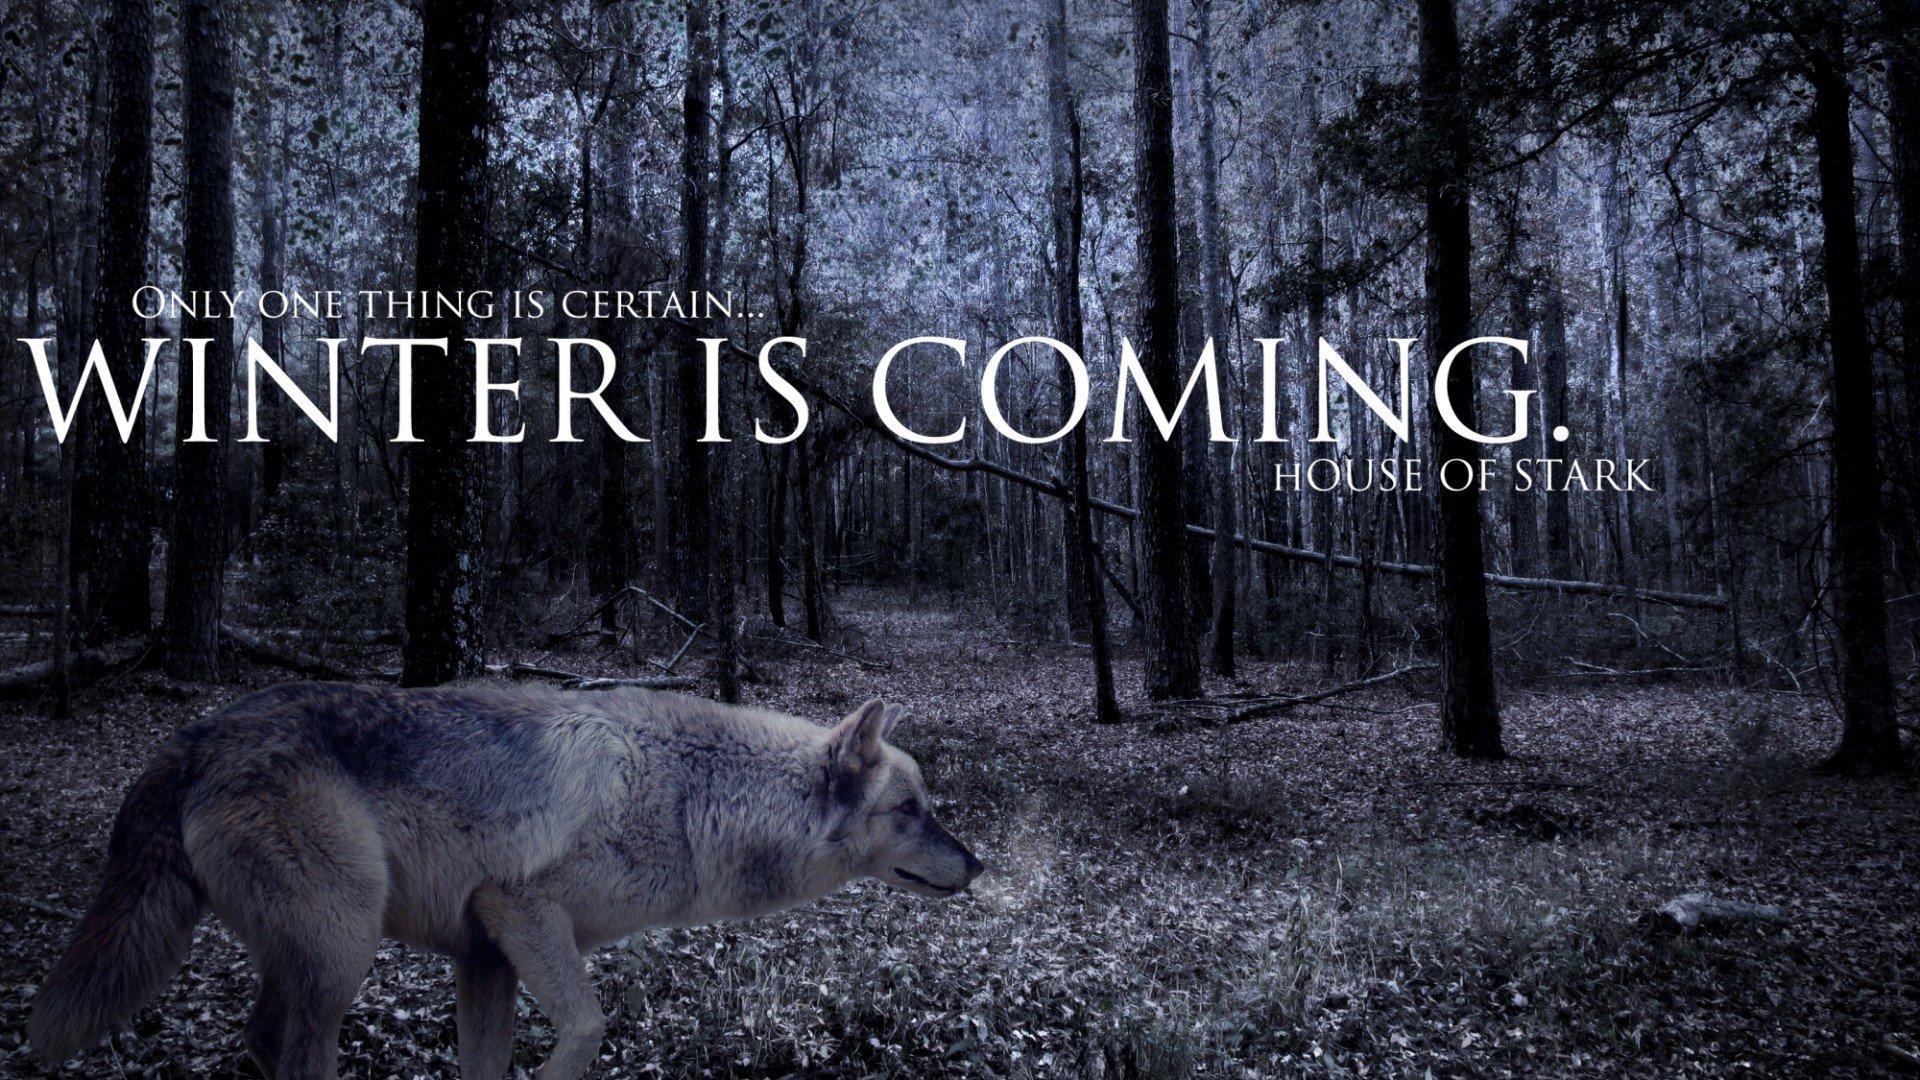 winter sprüche englisch Winter is Coming – Mottos und Wörter aller Häuser in Game of  winter sprüche englisch